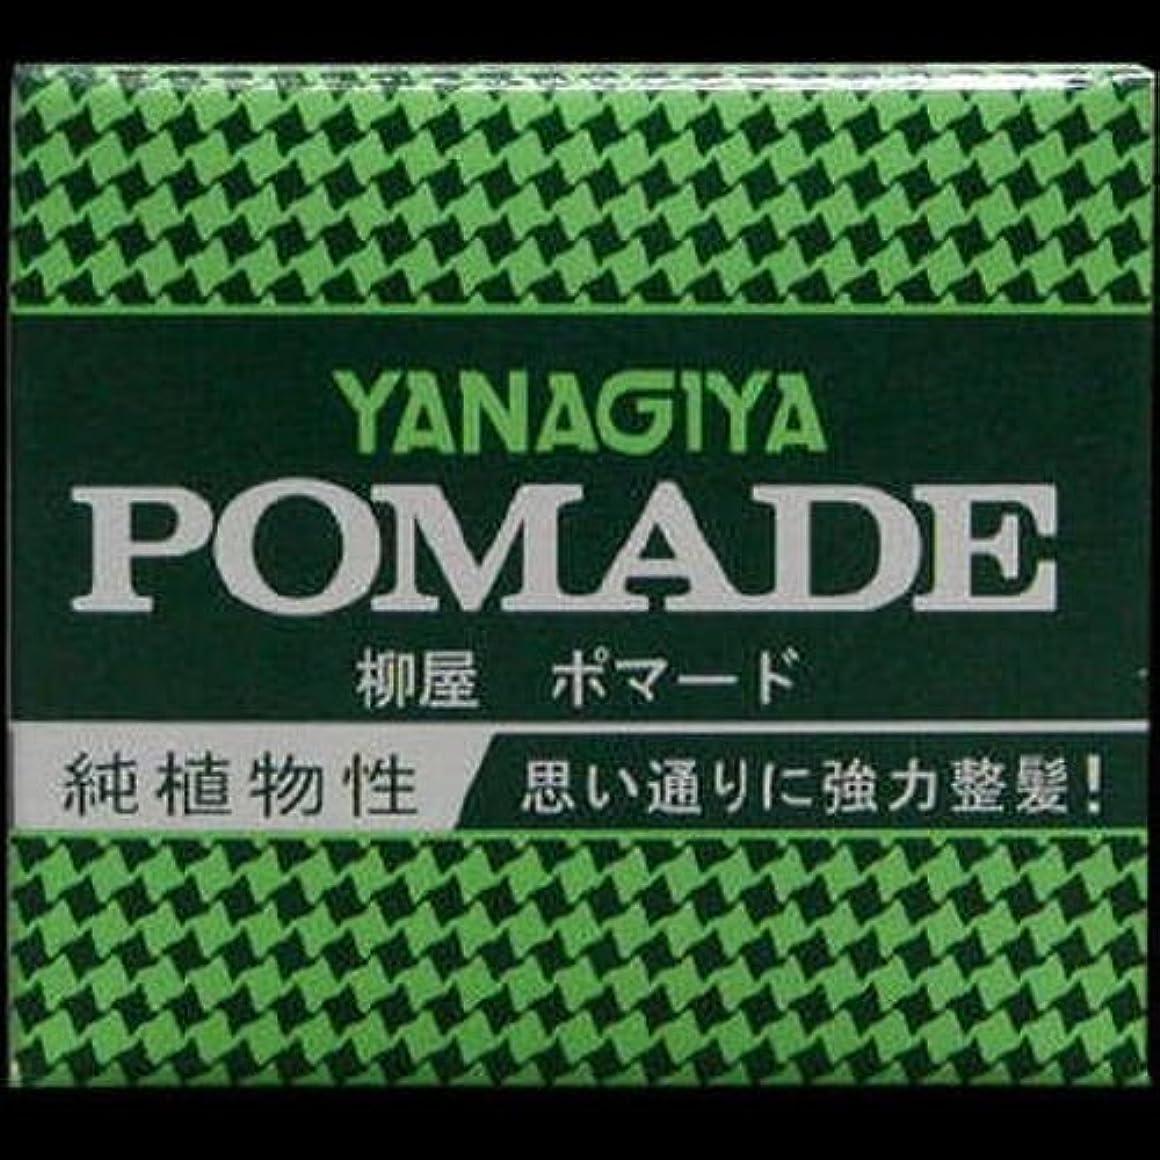 悪化する野球姓【まとめ買い】柳屋 ポマード小 63g ×2セット